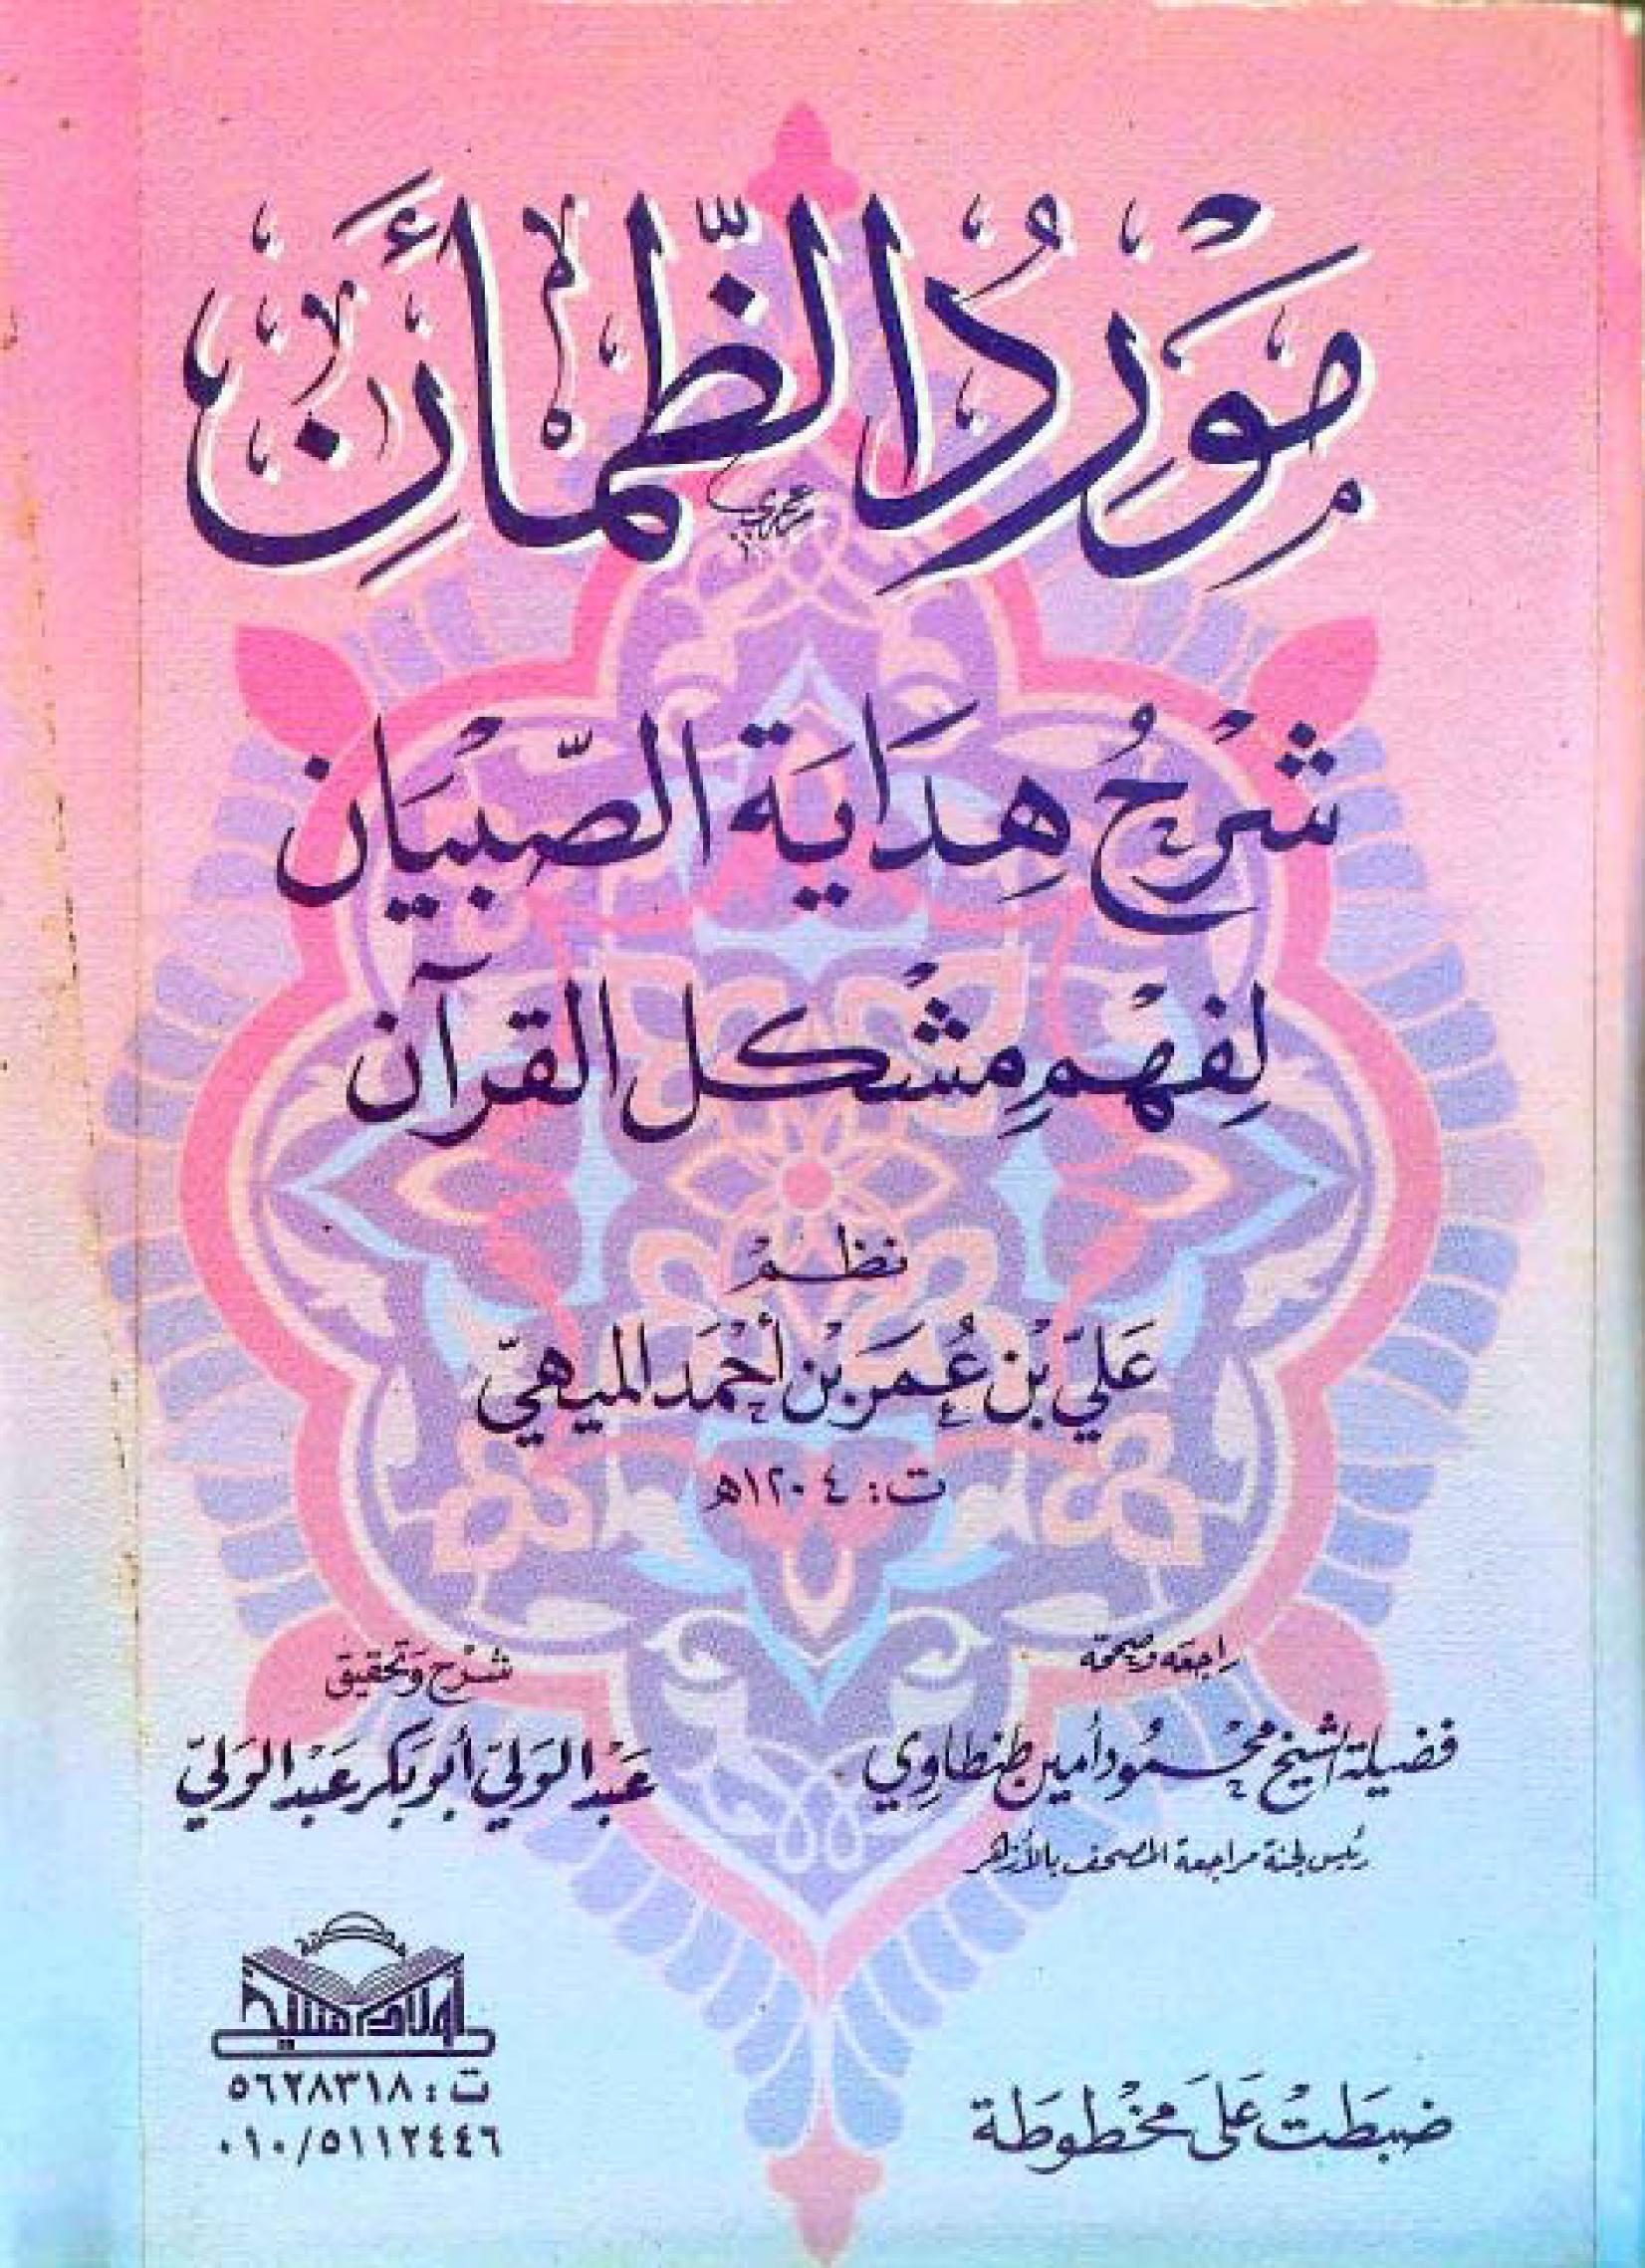 تحميل كتاب مورد الظمآن شرح هداية الصبيان لفهم مشكل القرآن لـِ: الإمام علي بن عمر بن أحمد العوني الميهي (ت 1204)